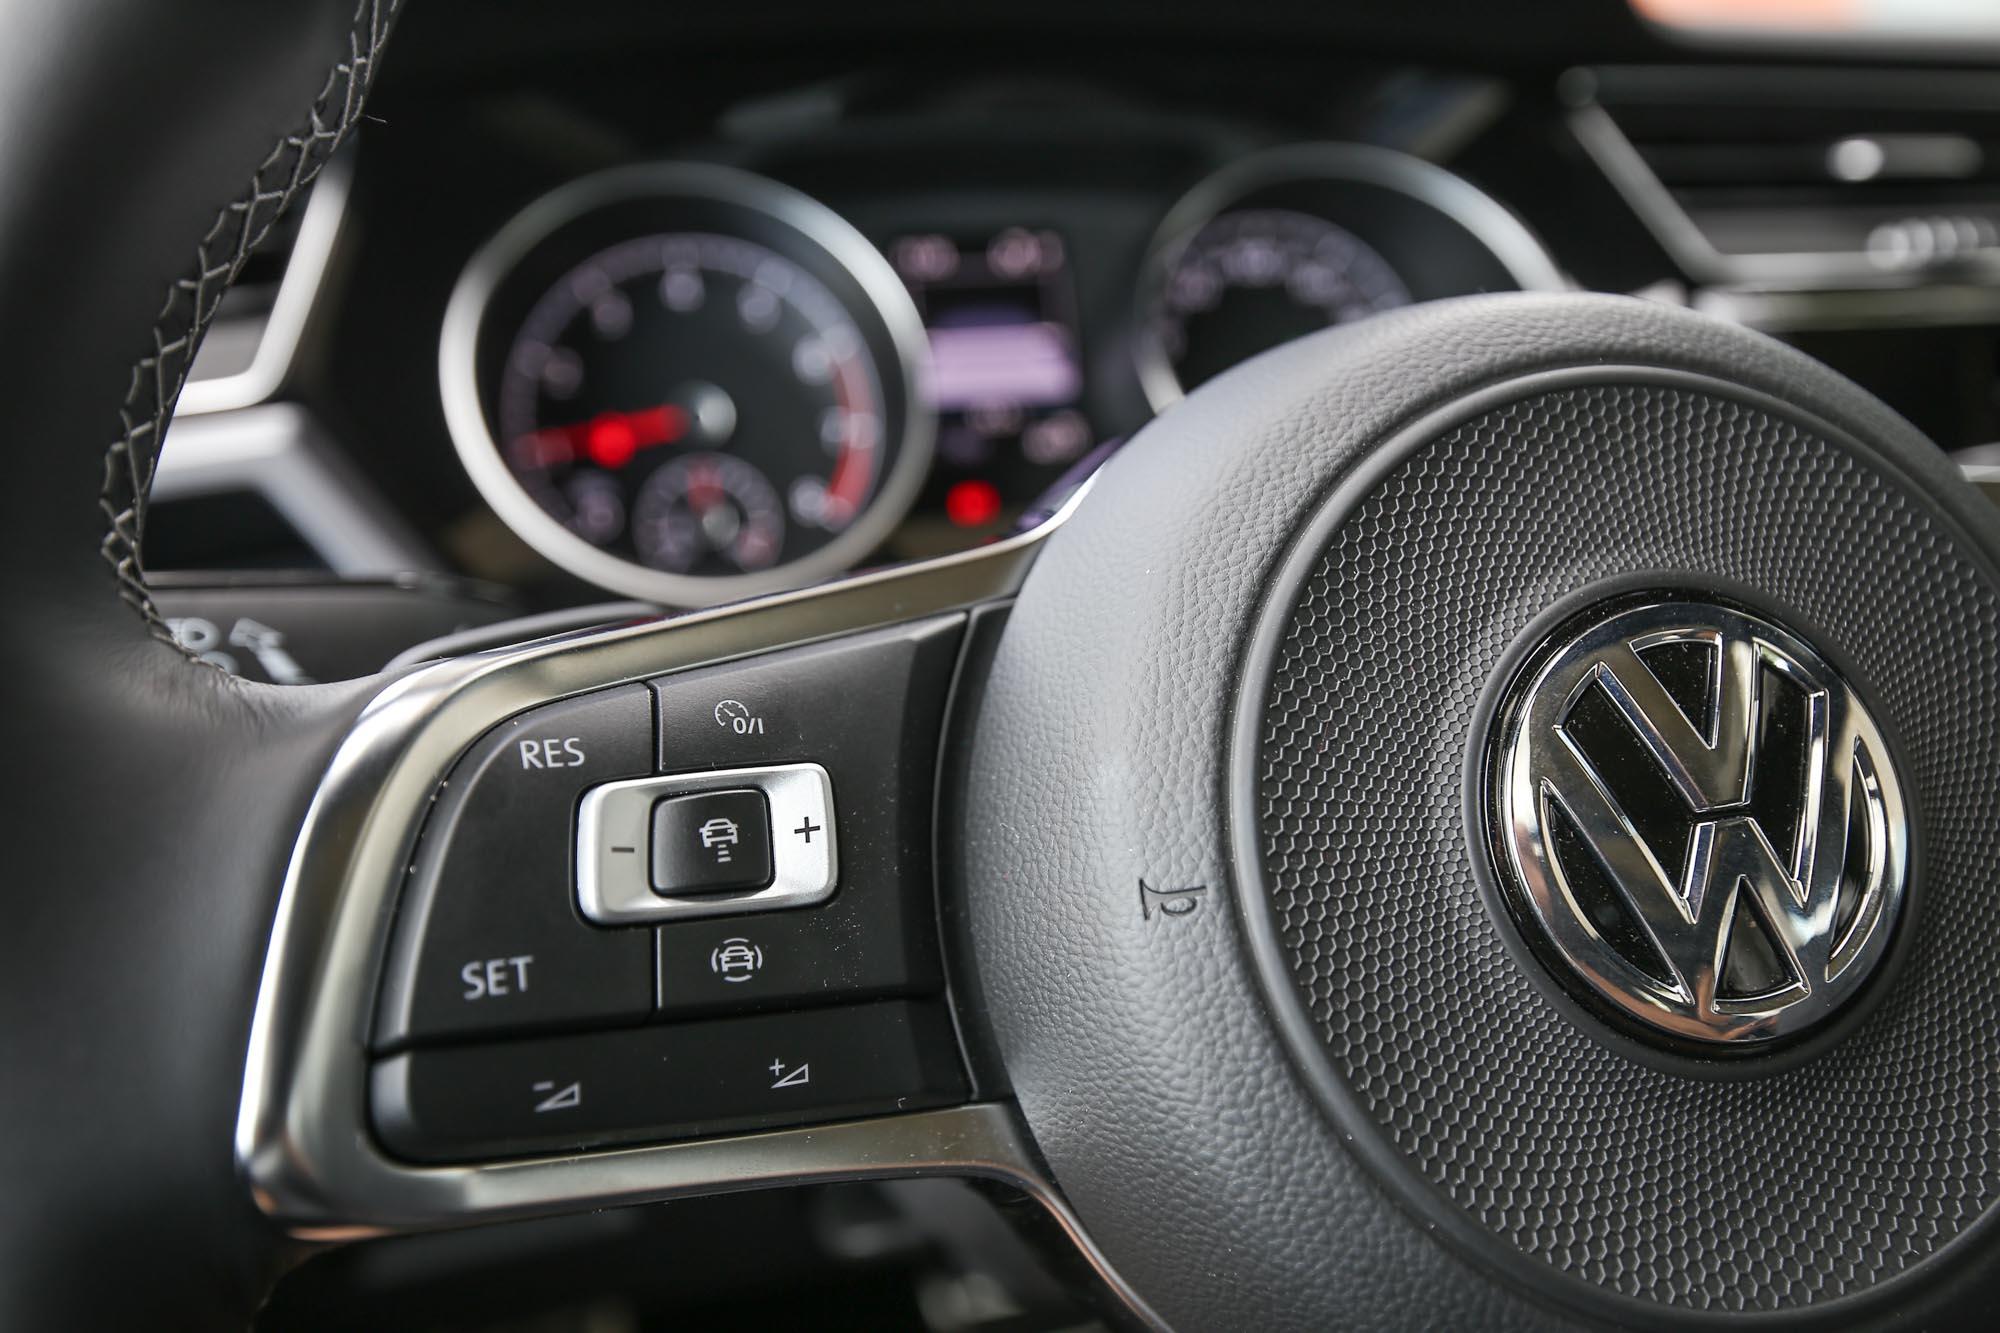 ACC 主動式固定車距巡航系統控制介面位於方向盤左側。